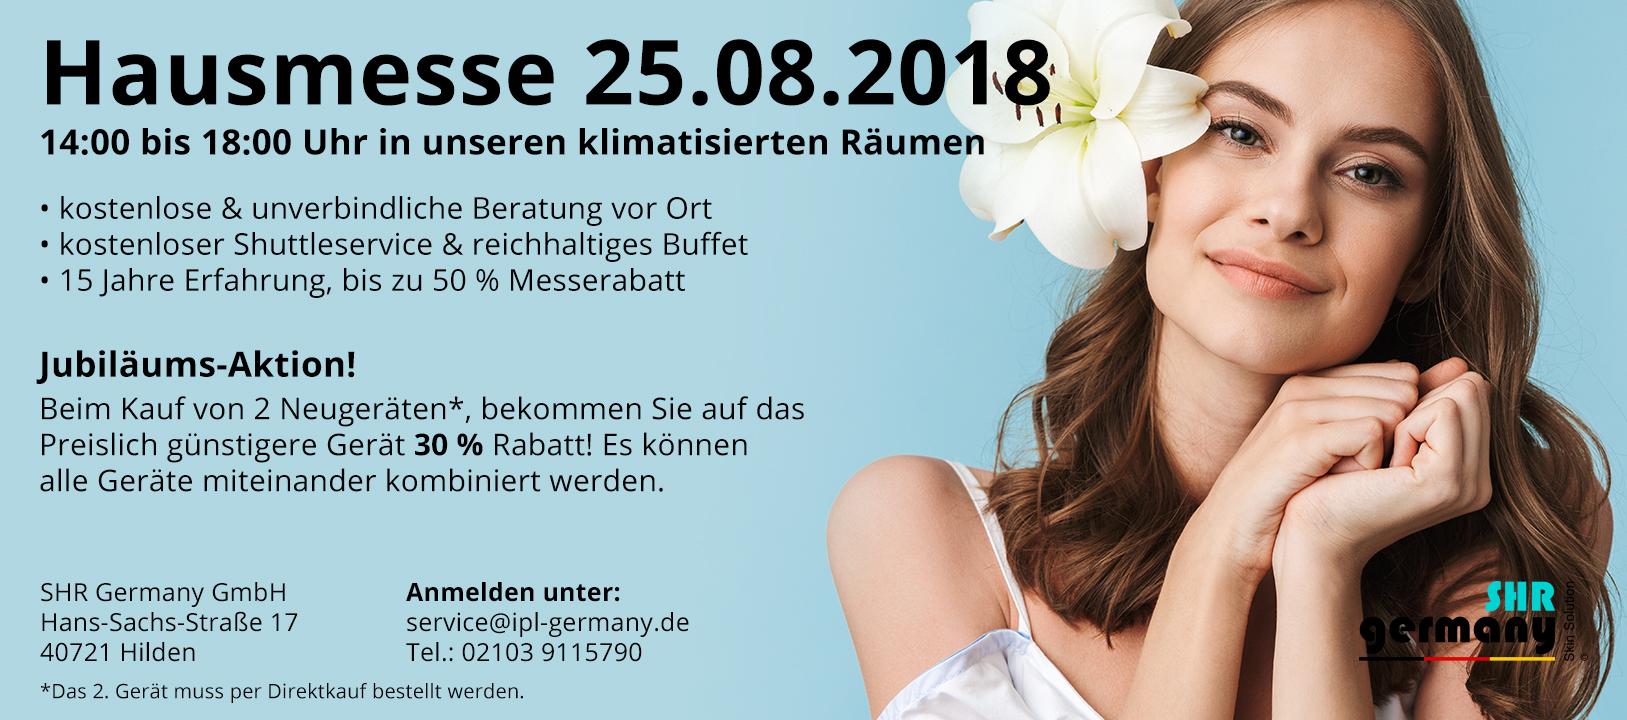 SHR_IPL_Germany_Hausmesse_25082018